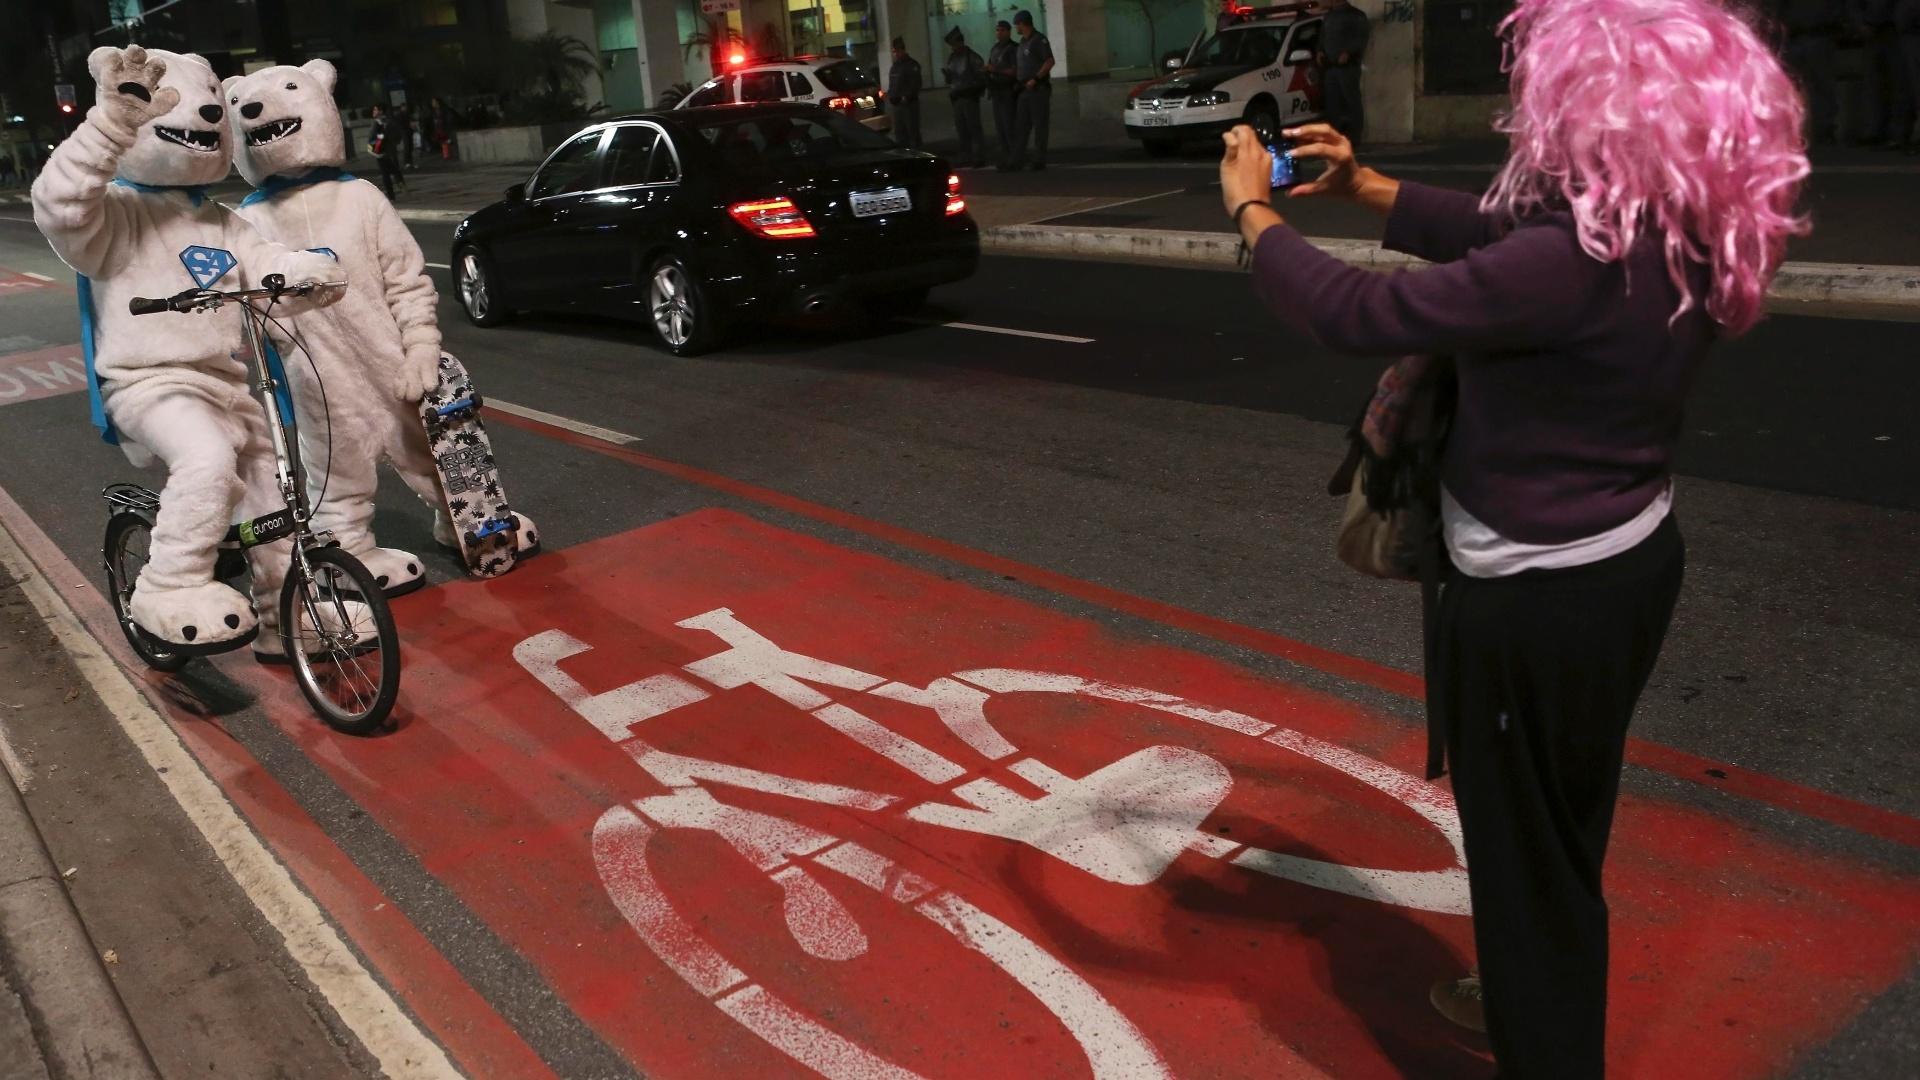 22.set.2014 - No Dia Mundial sem Carro, celebrado nesta segunda-feira (22), alguns ciclistas decidiram se fantasiar e sair às ruas, como este casal vestido com fantasias de urso polar, na Avenida Paulista, região central de São Paulo